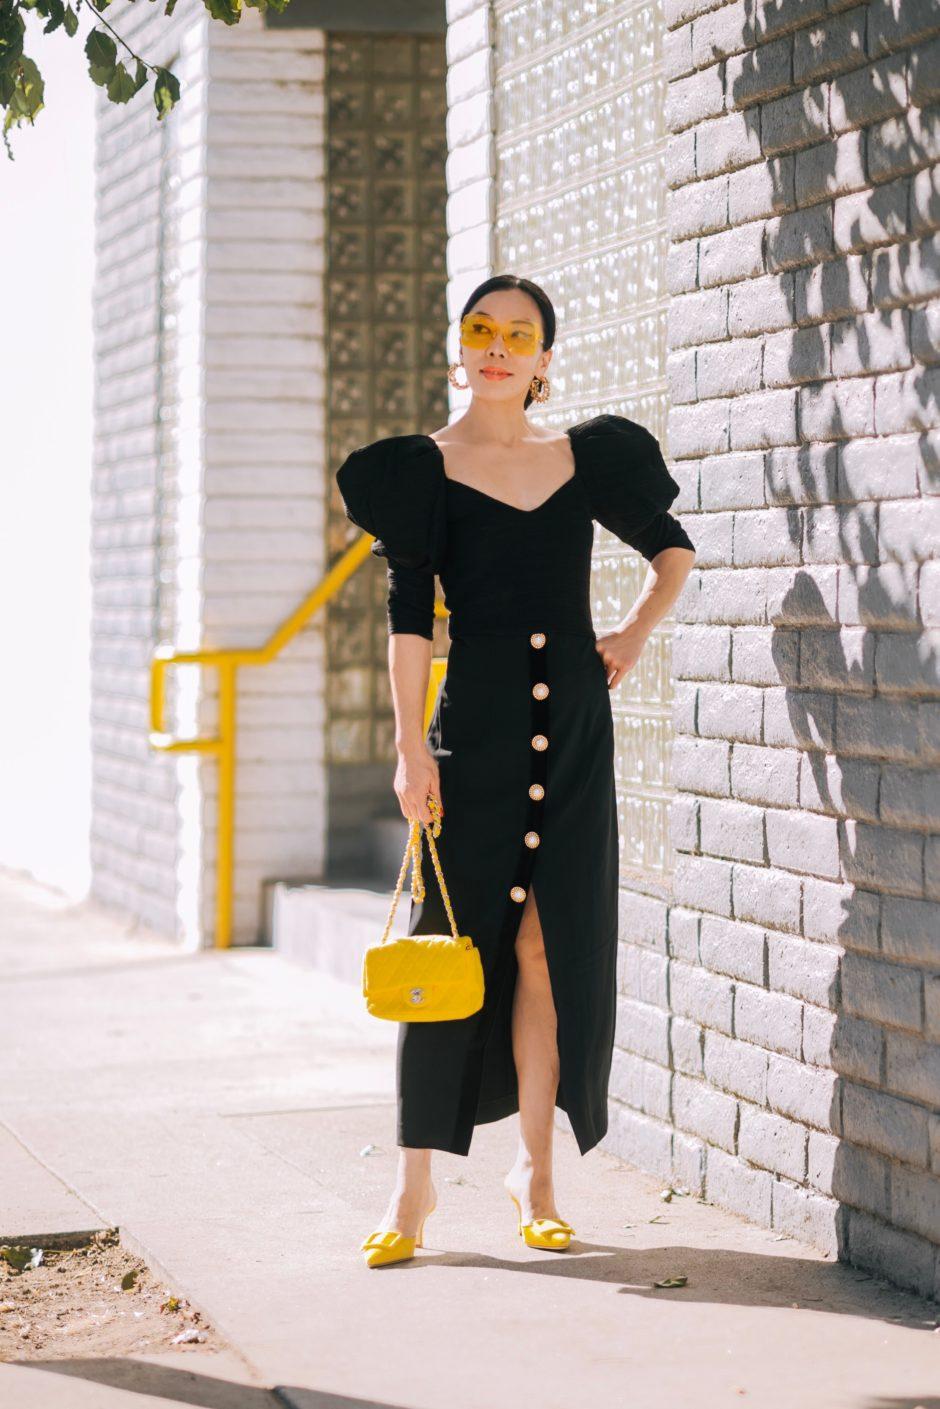 đầm đen tay phồng túi chanel vàng